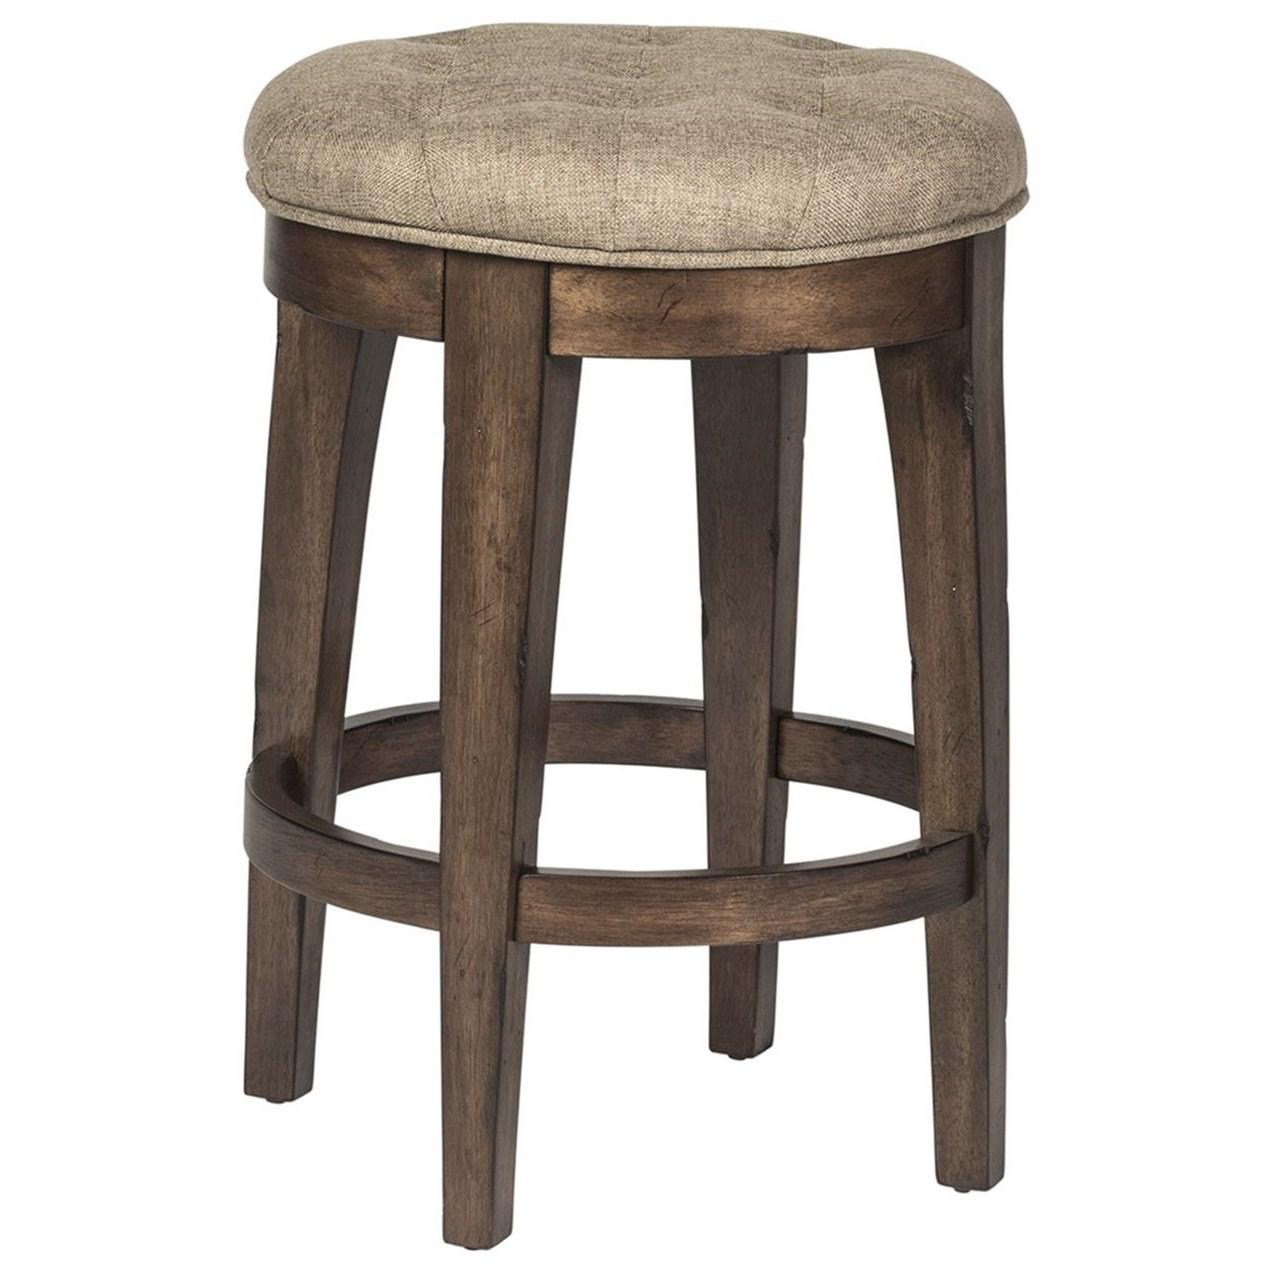 Upholstered Backless Barstool